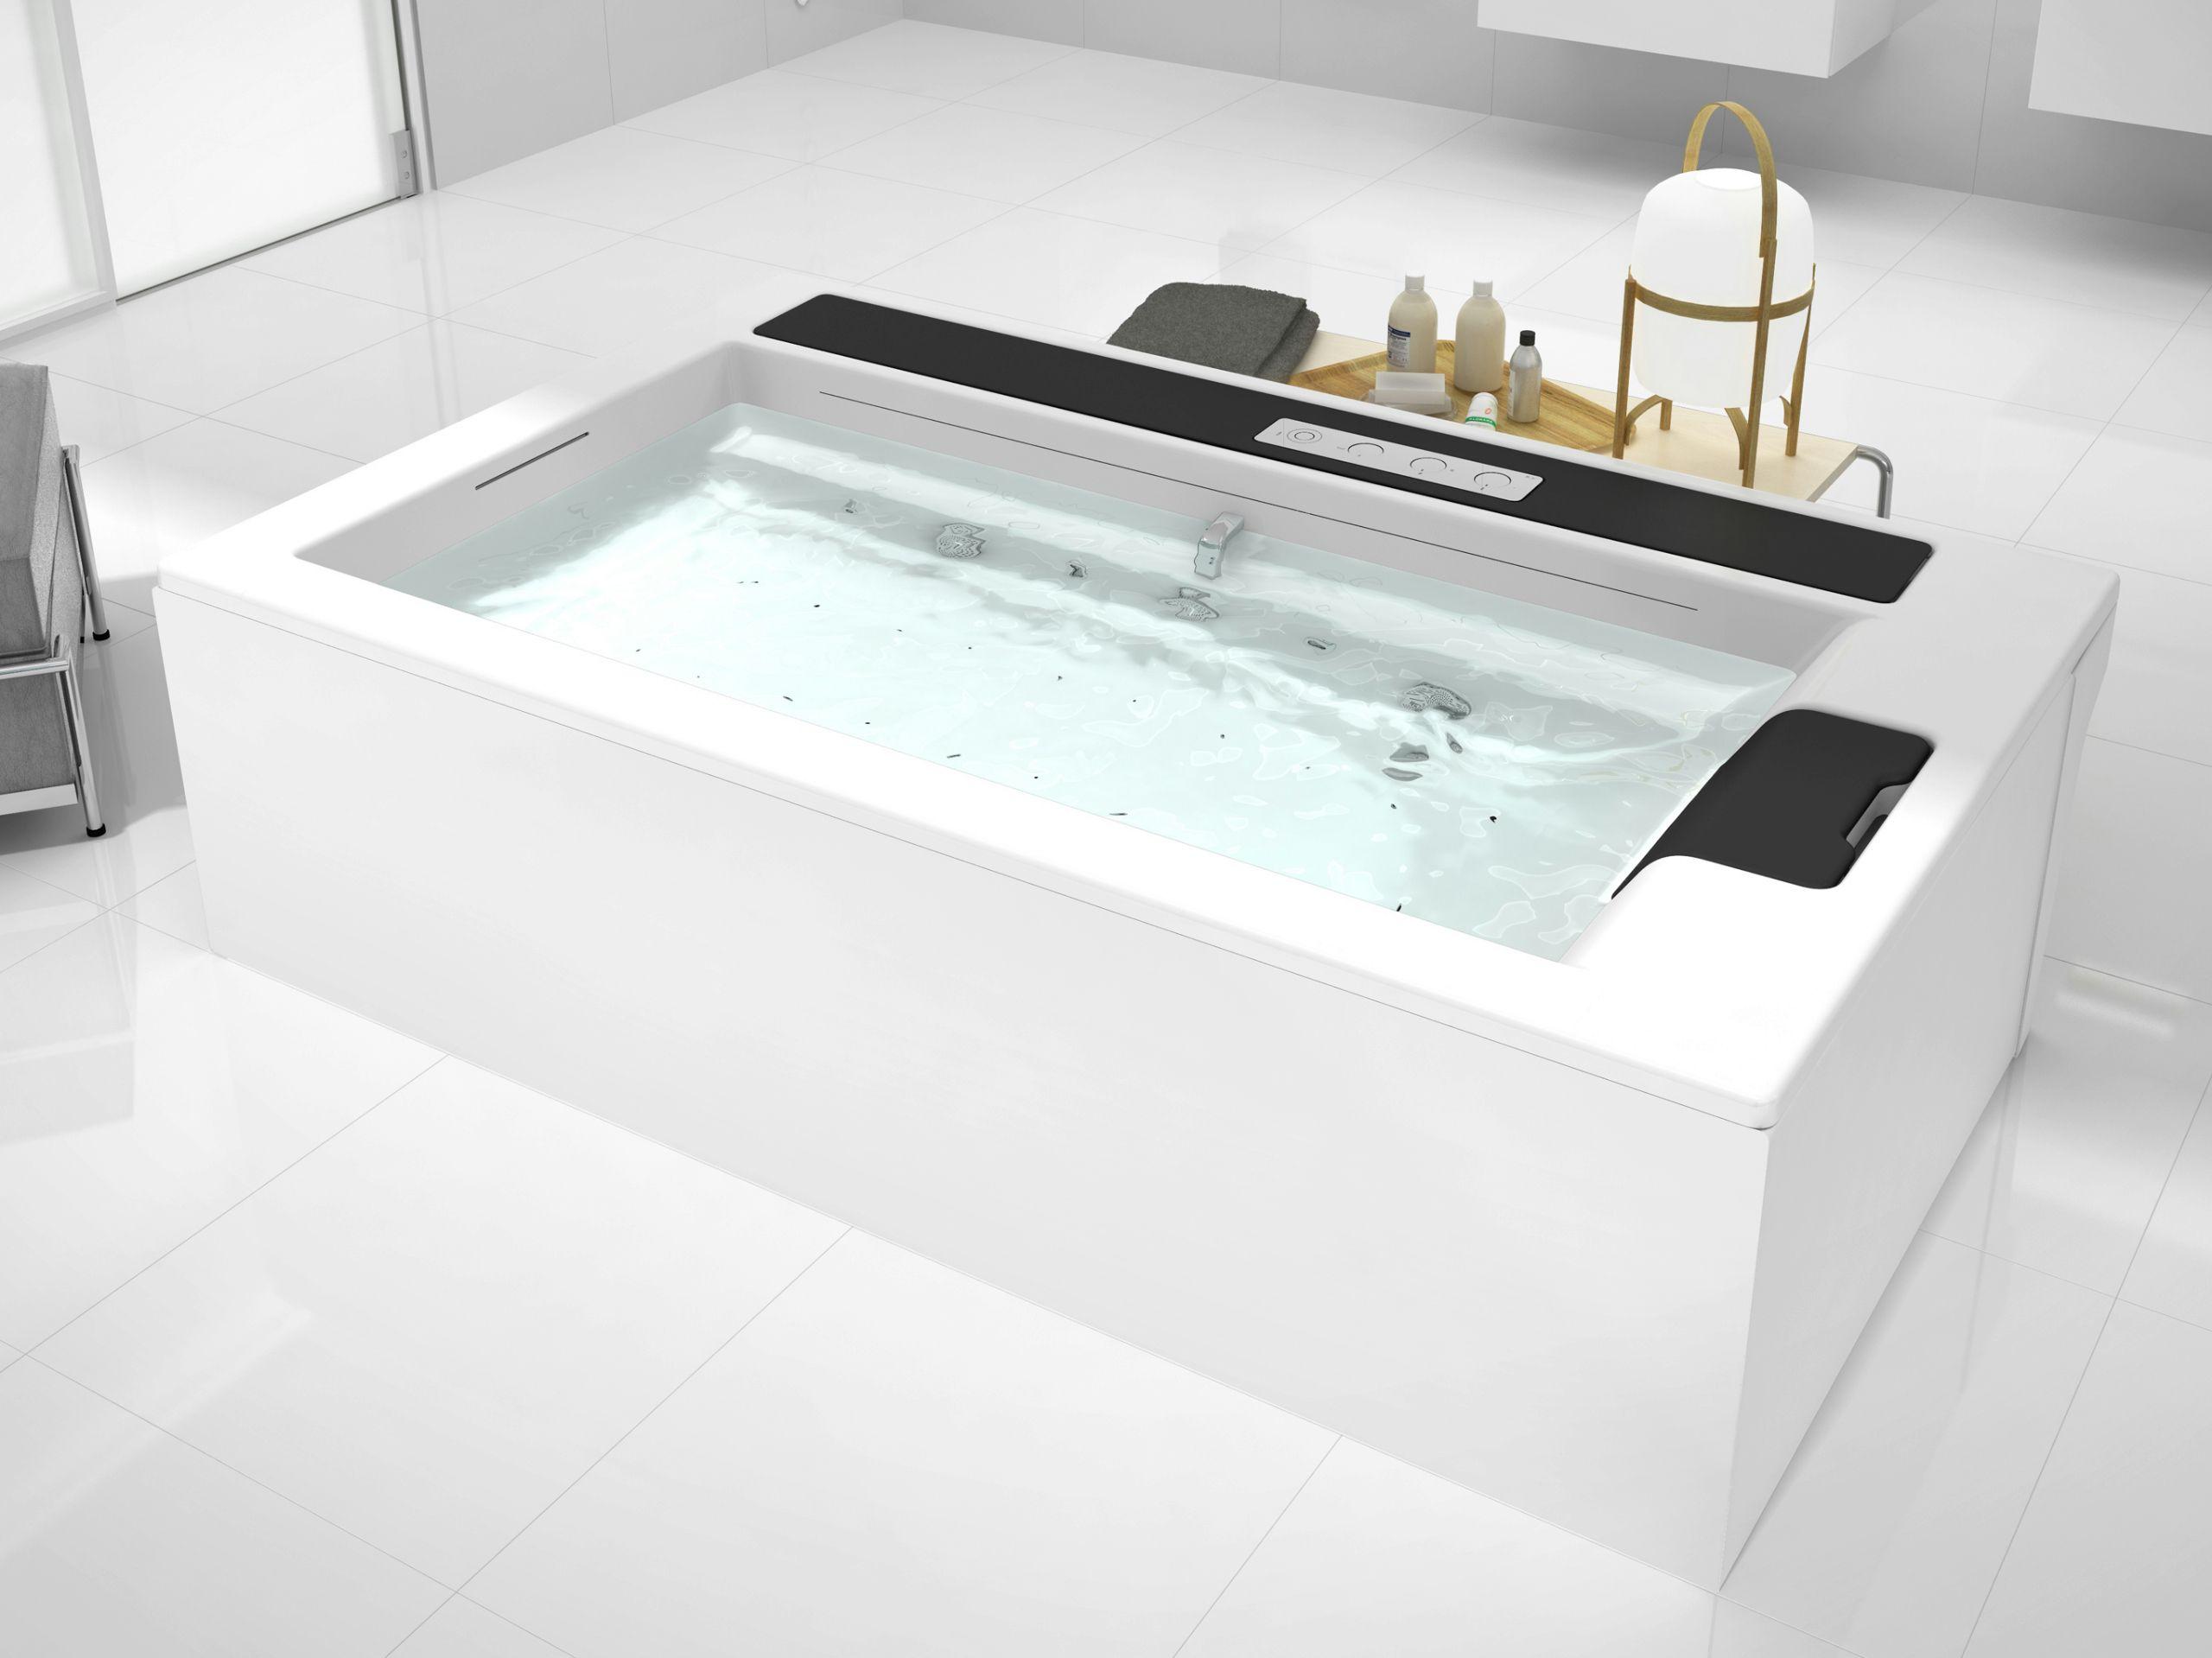 Badewanne mit Sitz IN-FLOW - ROCA | Bad - Wanne | Pinterest | Flow ...